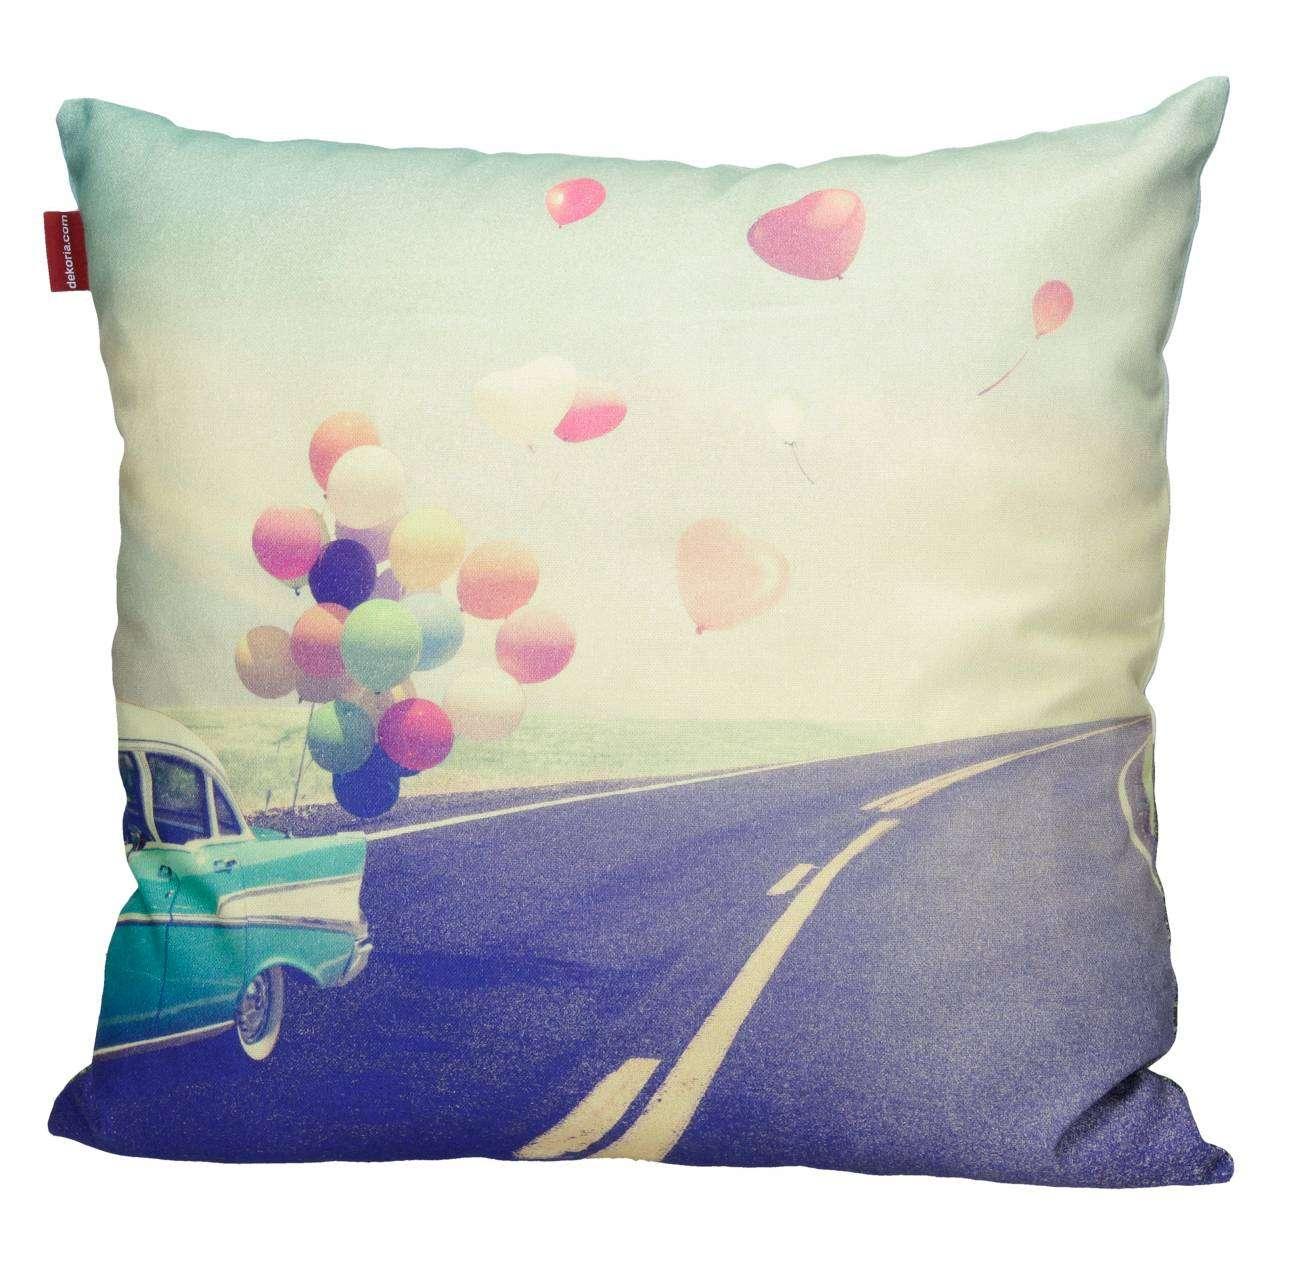 Deko- Kissenhülle Ballons 45x45cm